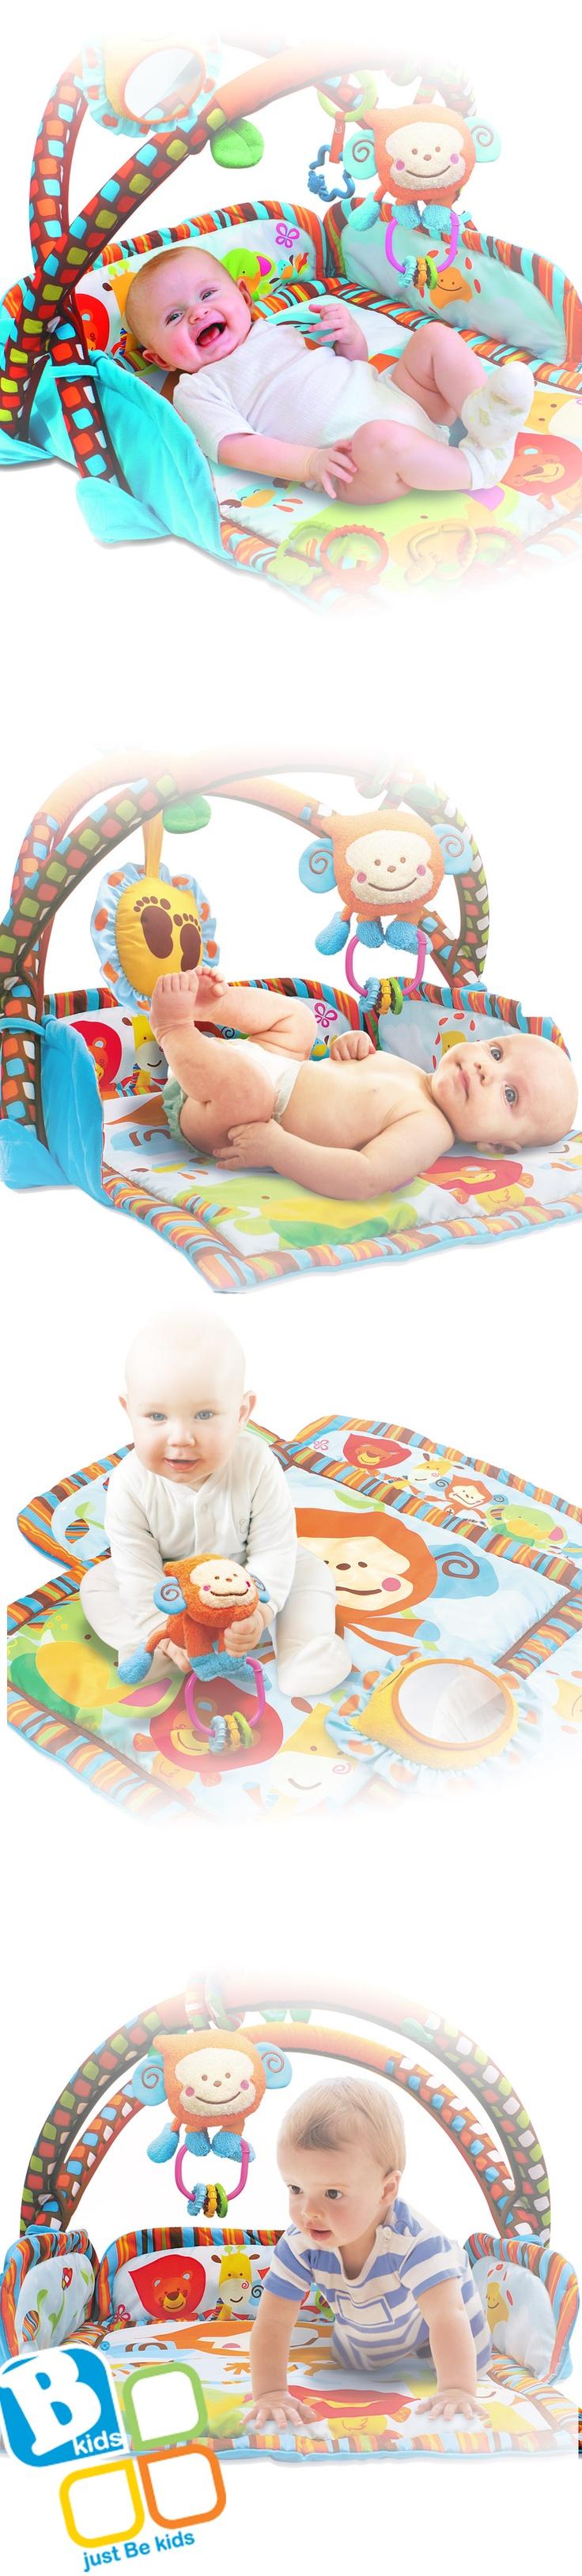 Le tapis d'éveil évolutif , bébé grandi, le tapis aussi